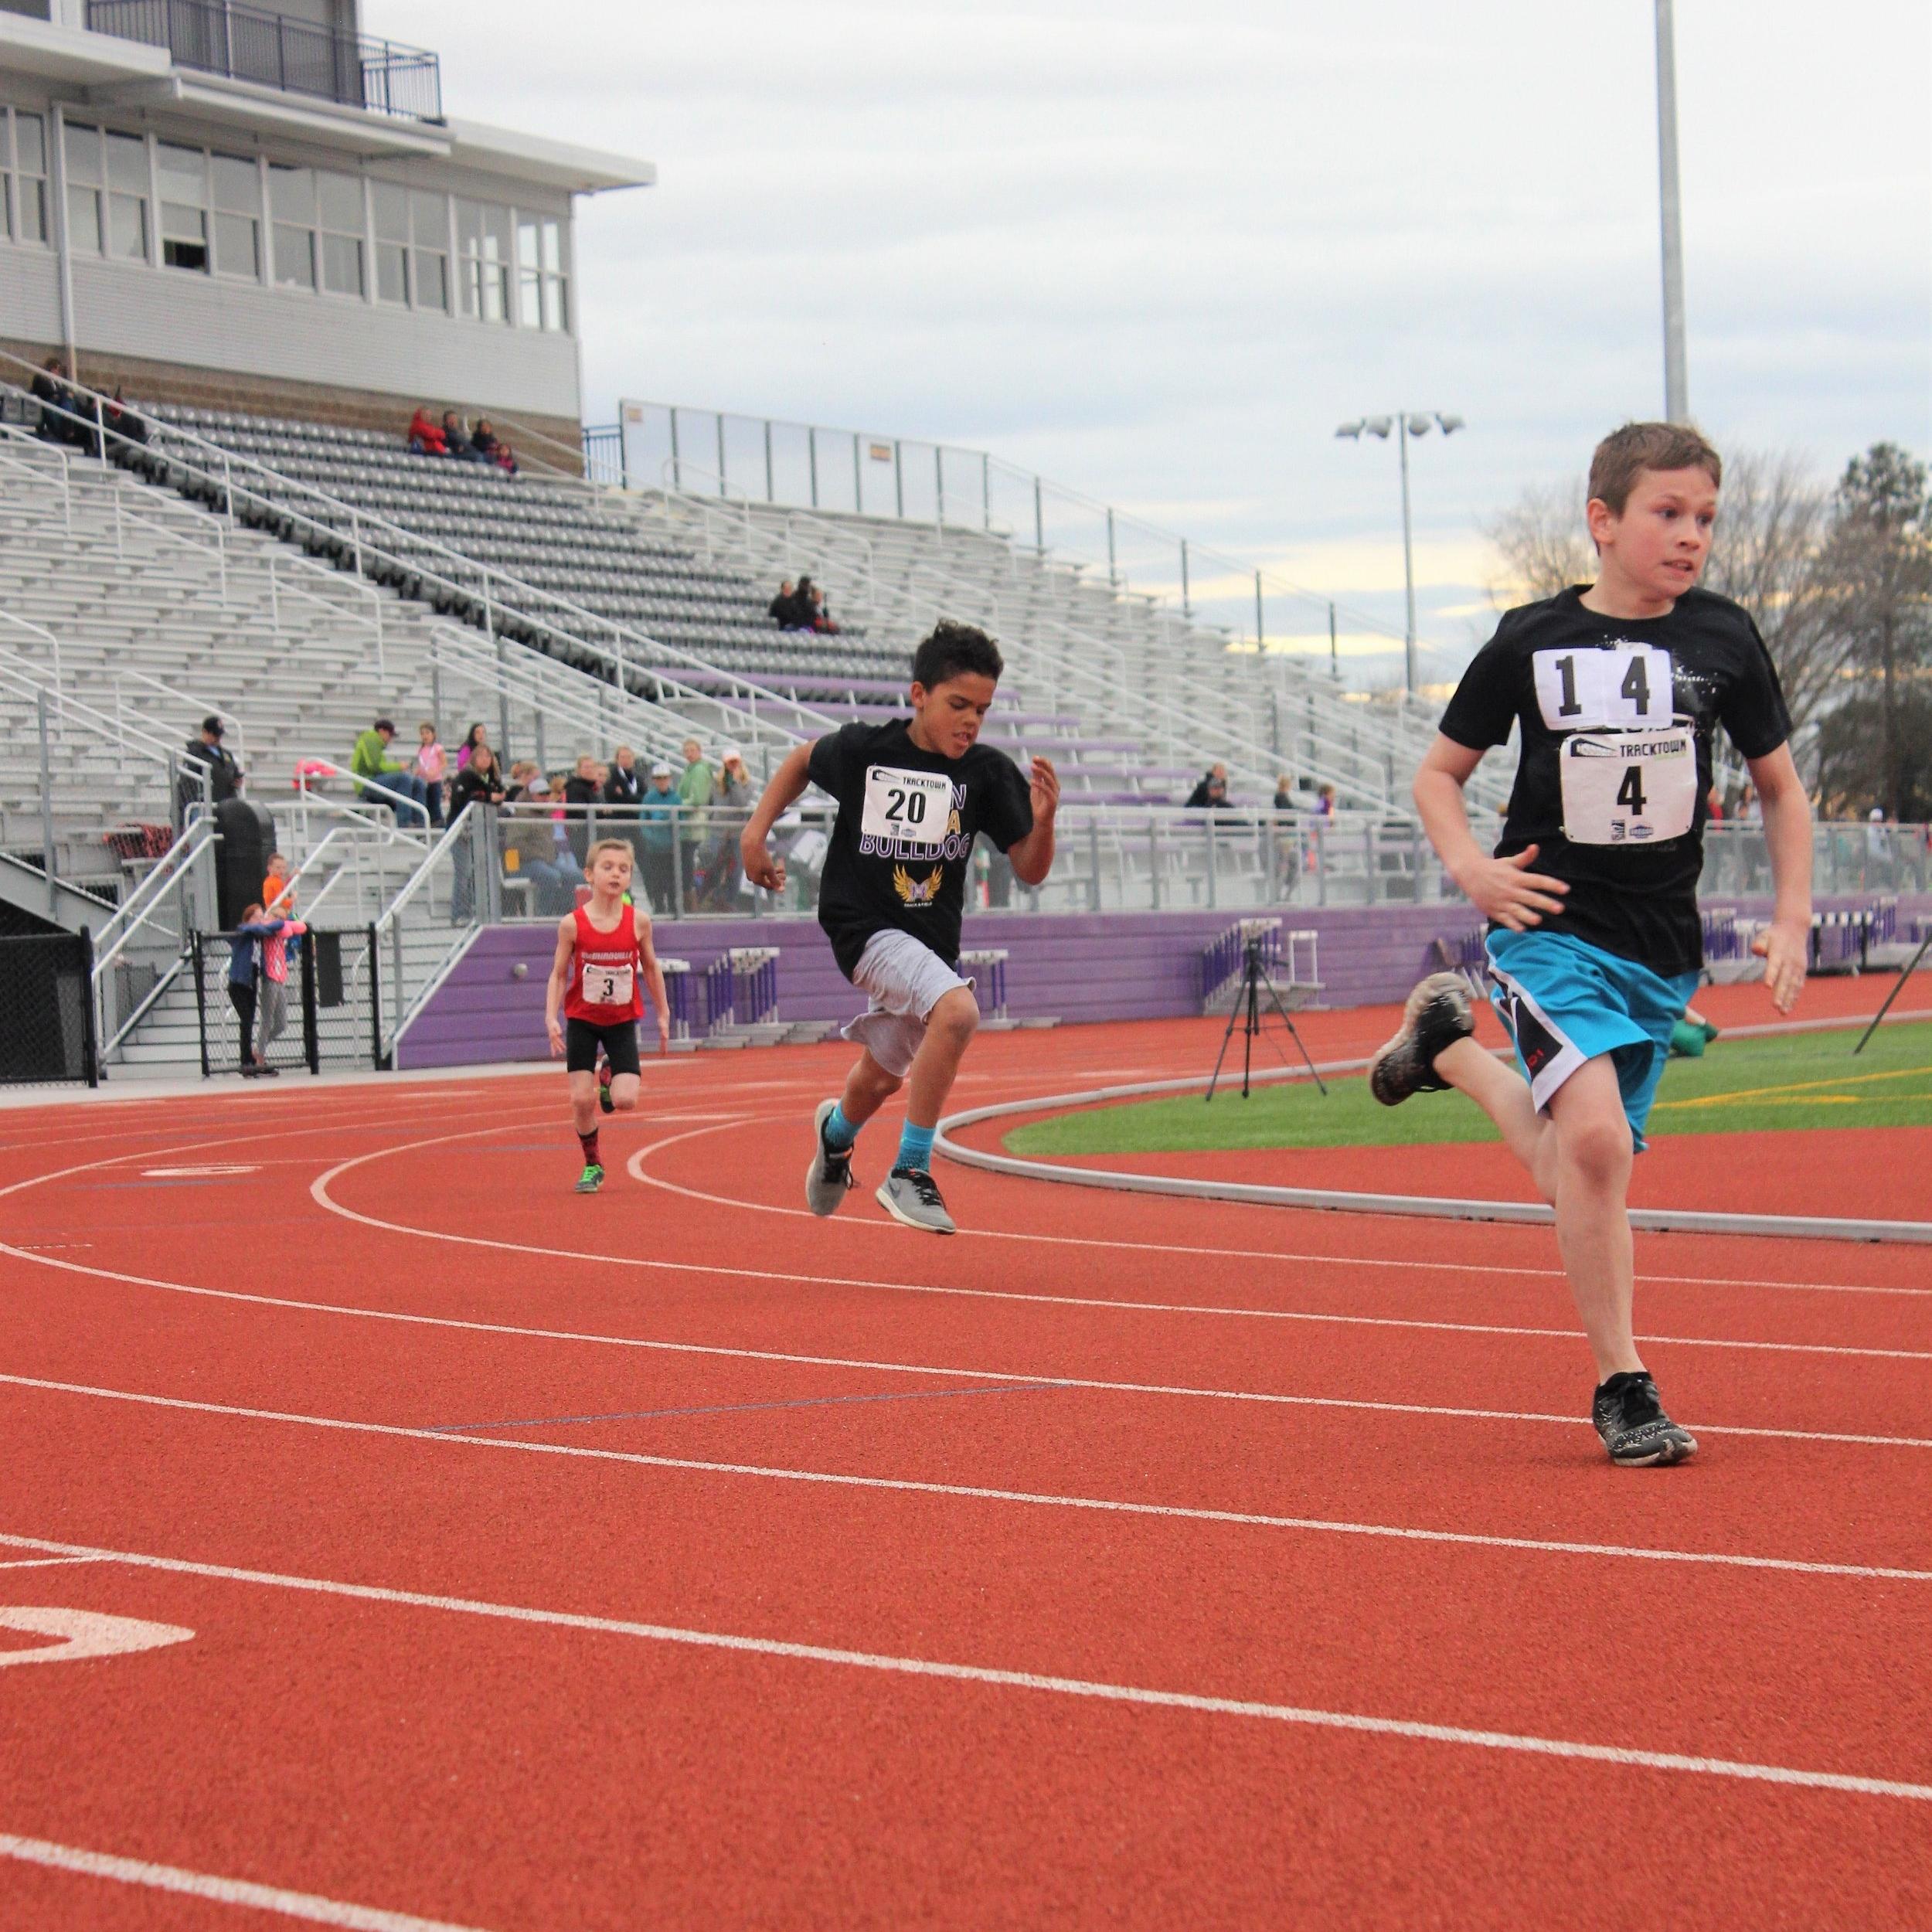 400 Meter Run